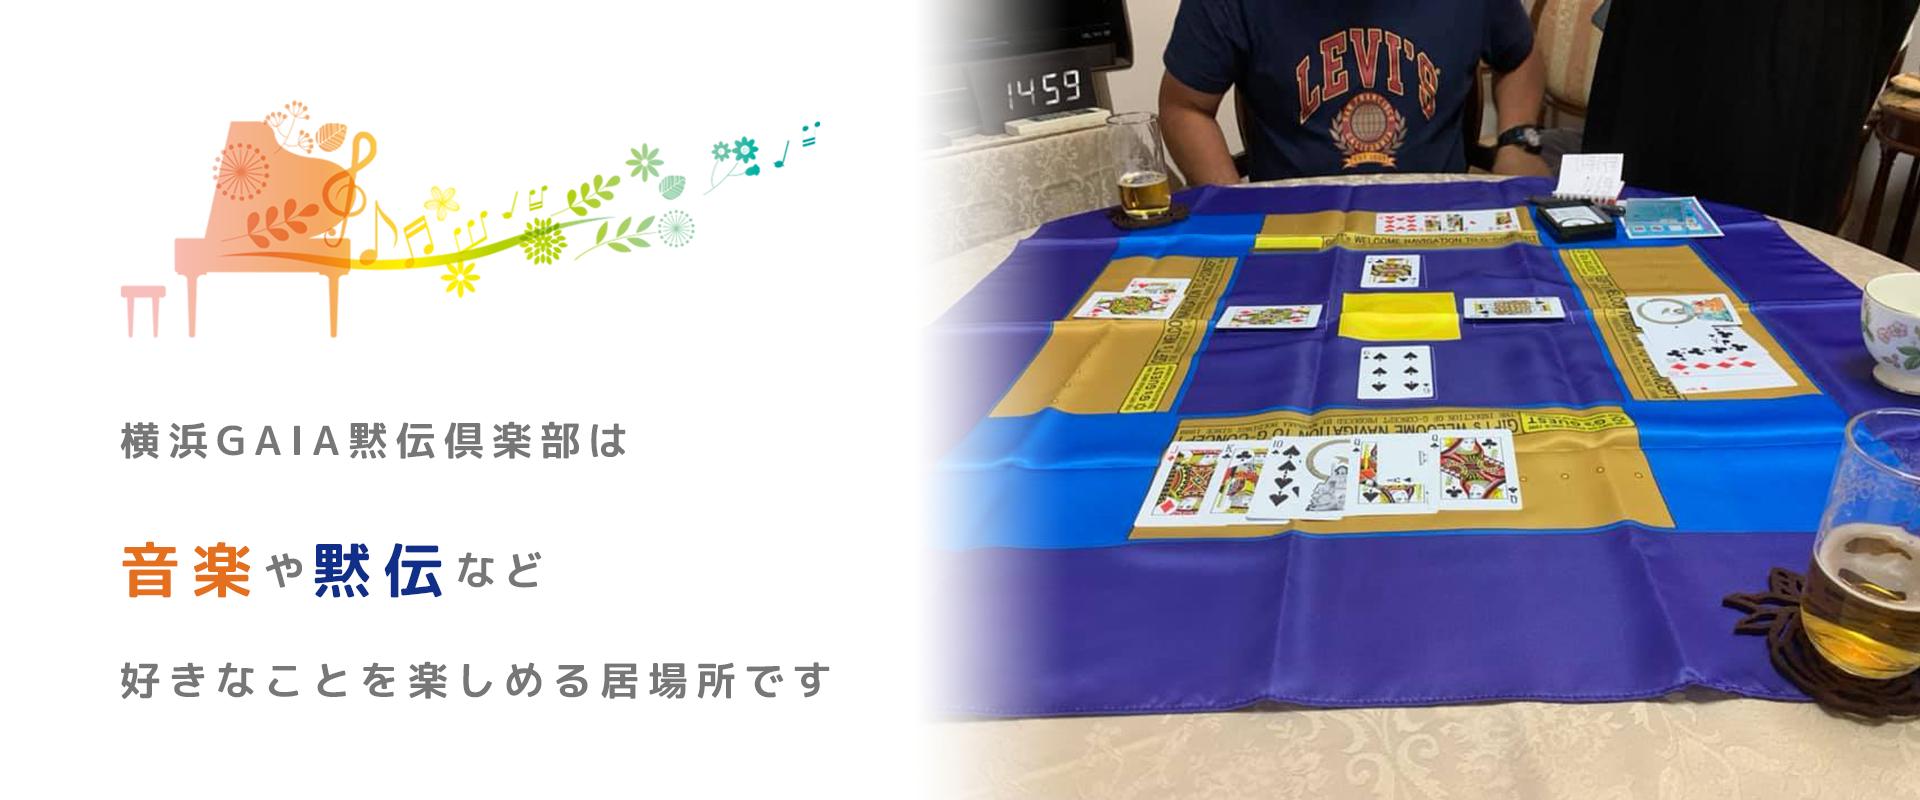 横浜GAIA黙伝倶楽部